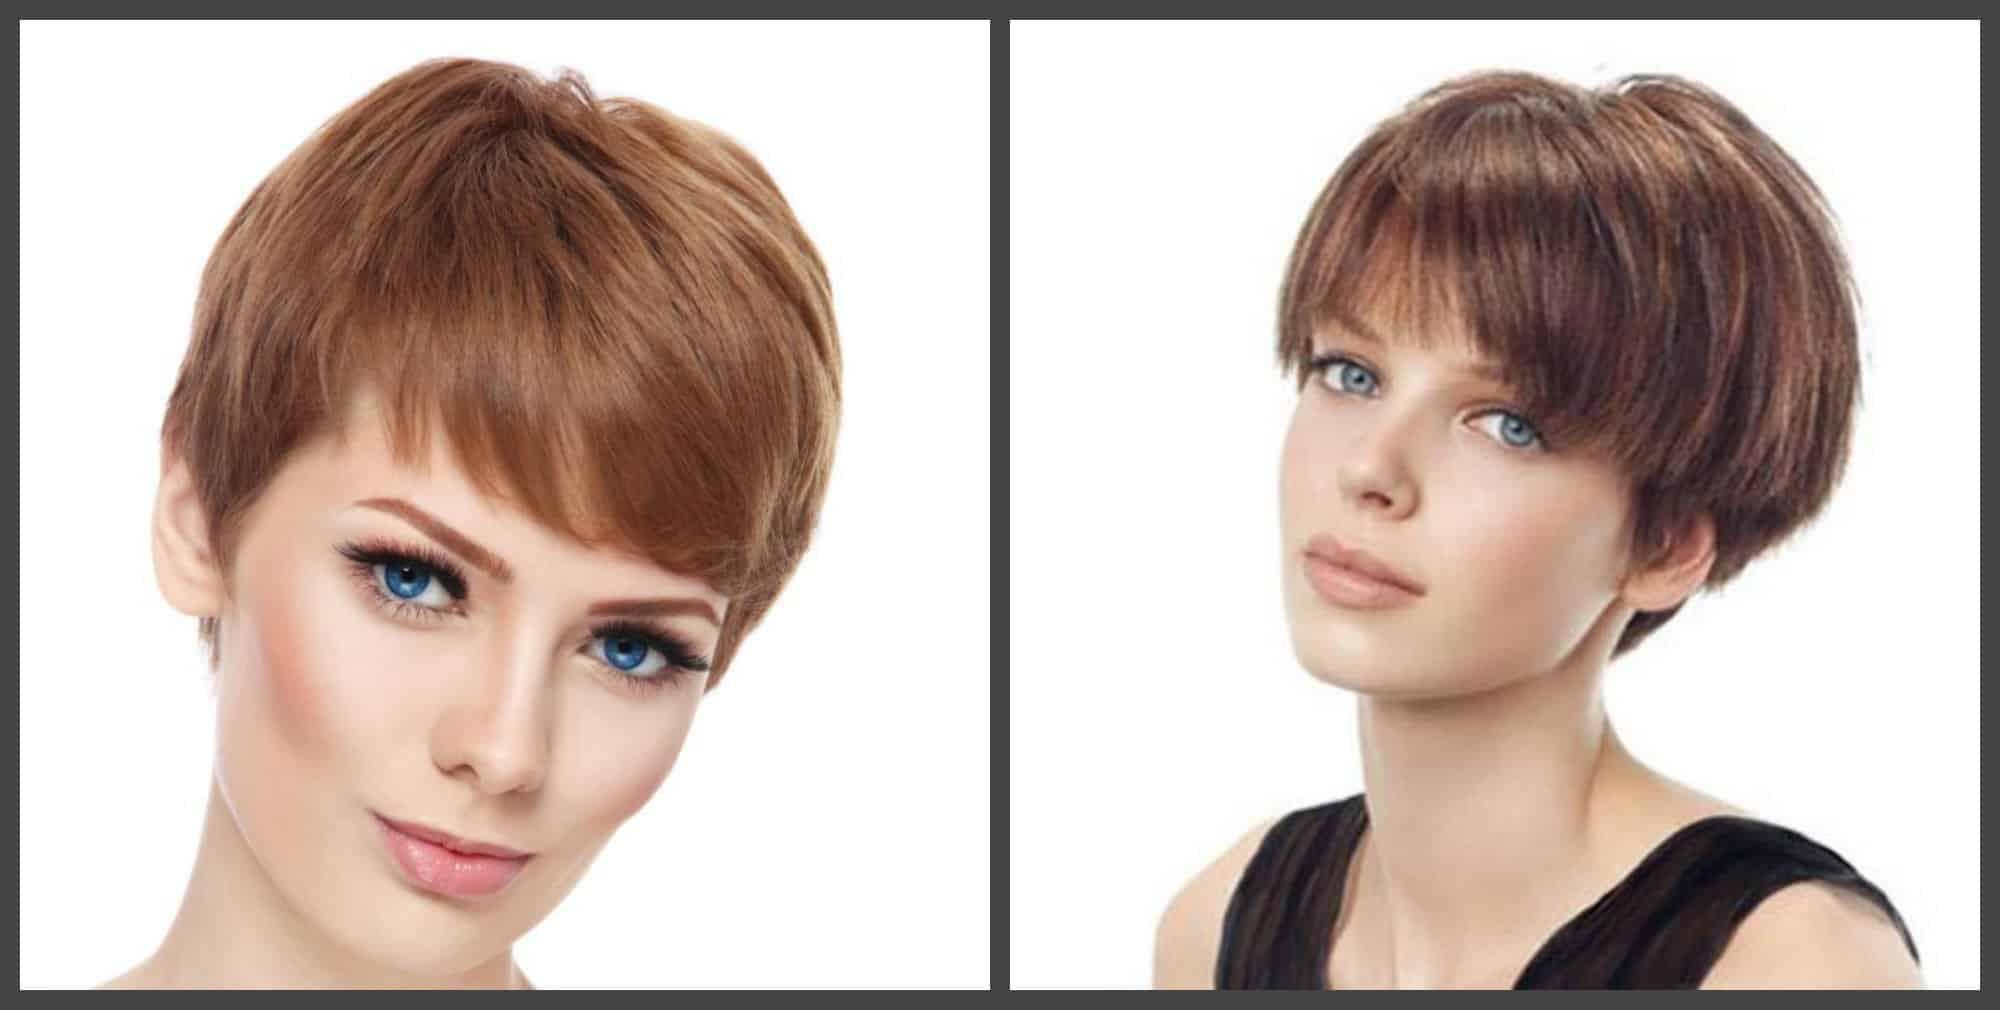 Cortes de pelo de moda 2018 peinados elegantes - Que cortes de cabello estan de moda ...